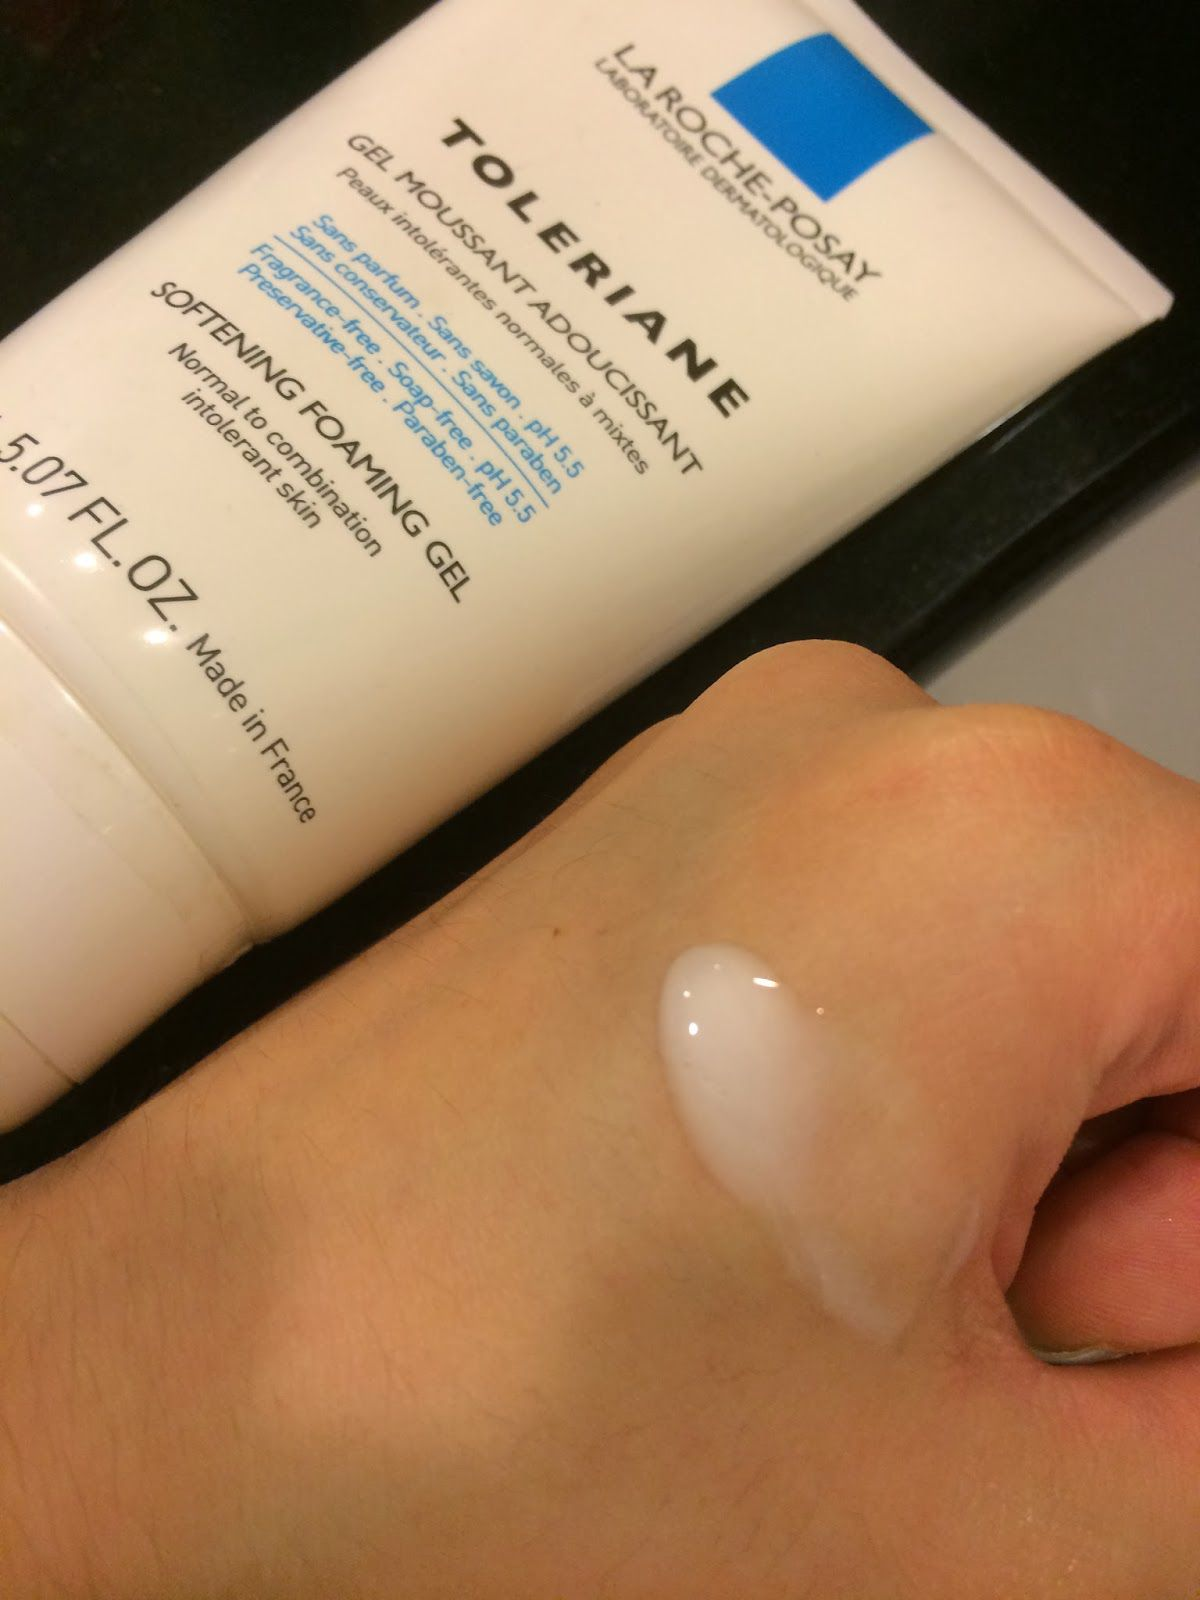 Sữa rửa mặt La Roche Posay Toleriane Softening Foaming Gel có tốt không?